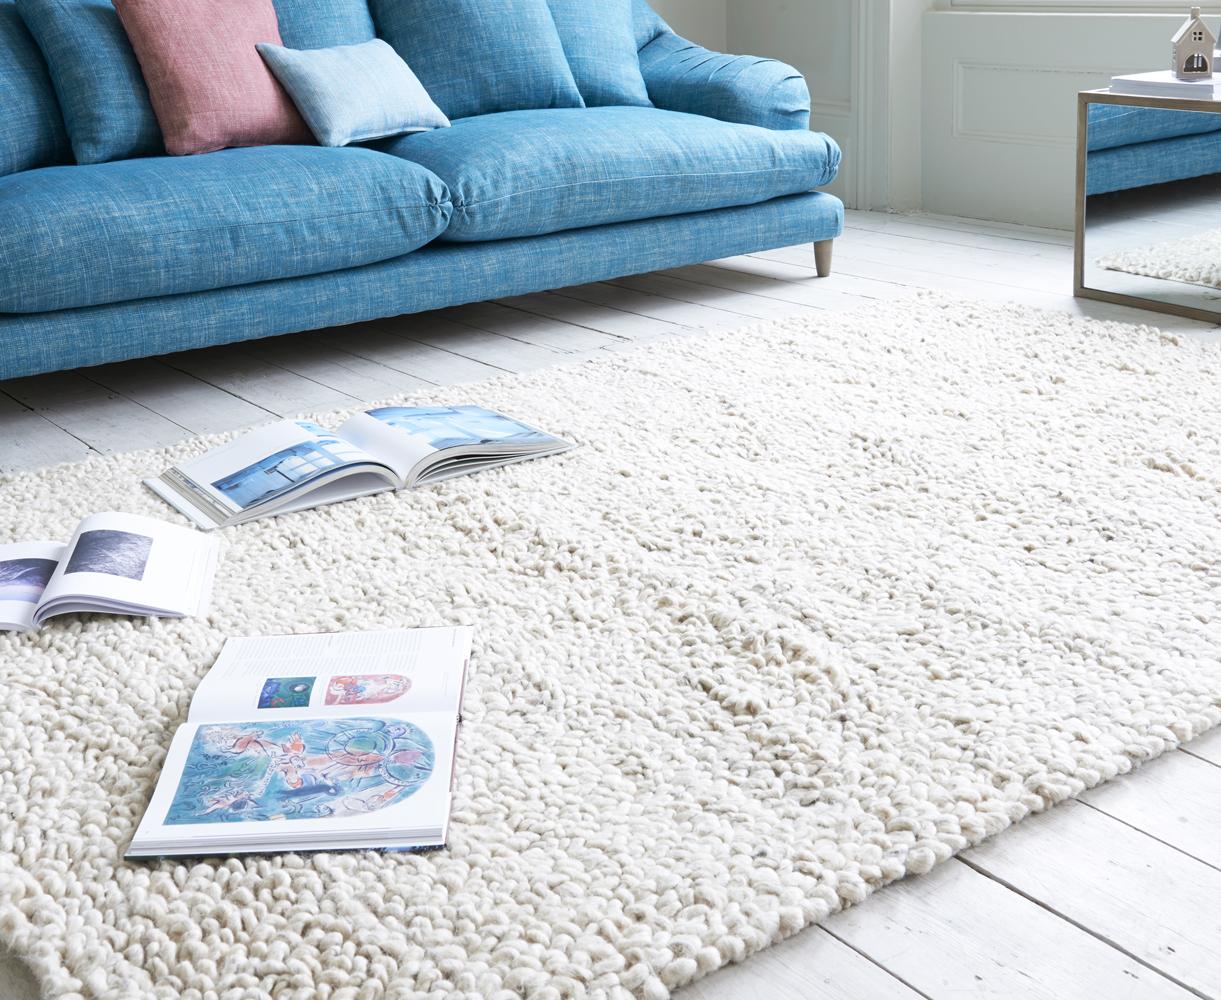 Benefits of floor rugs